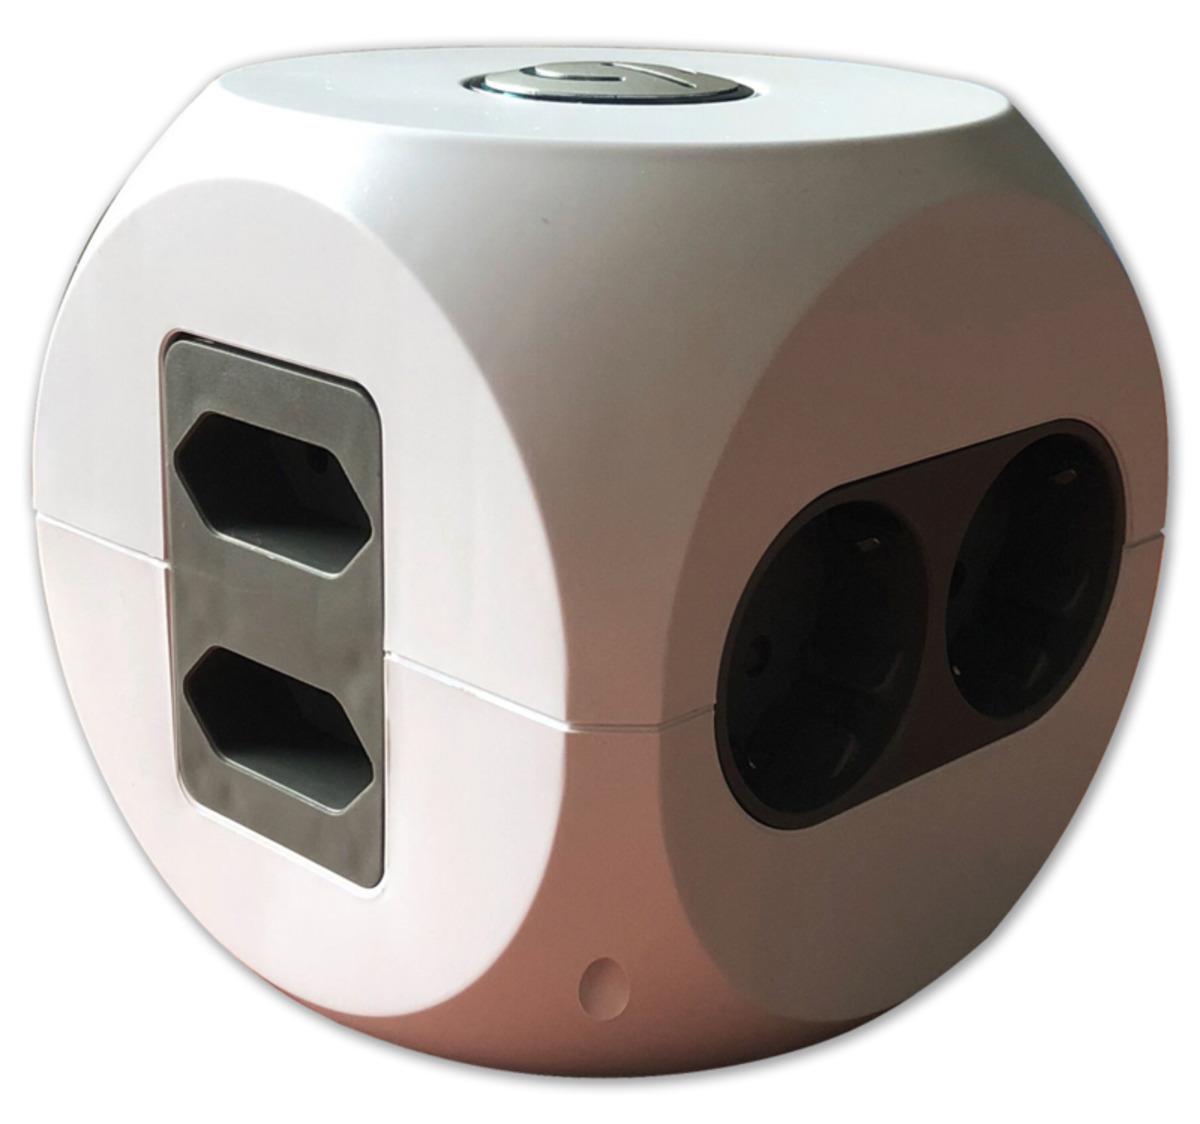 Bild 3 von HOME IDEAS LIVING Designsteckdosenwürfel